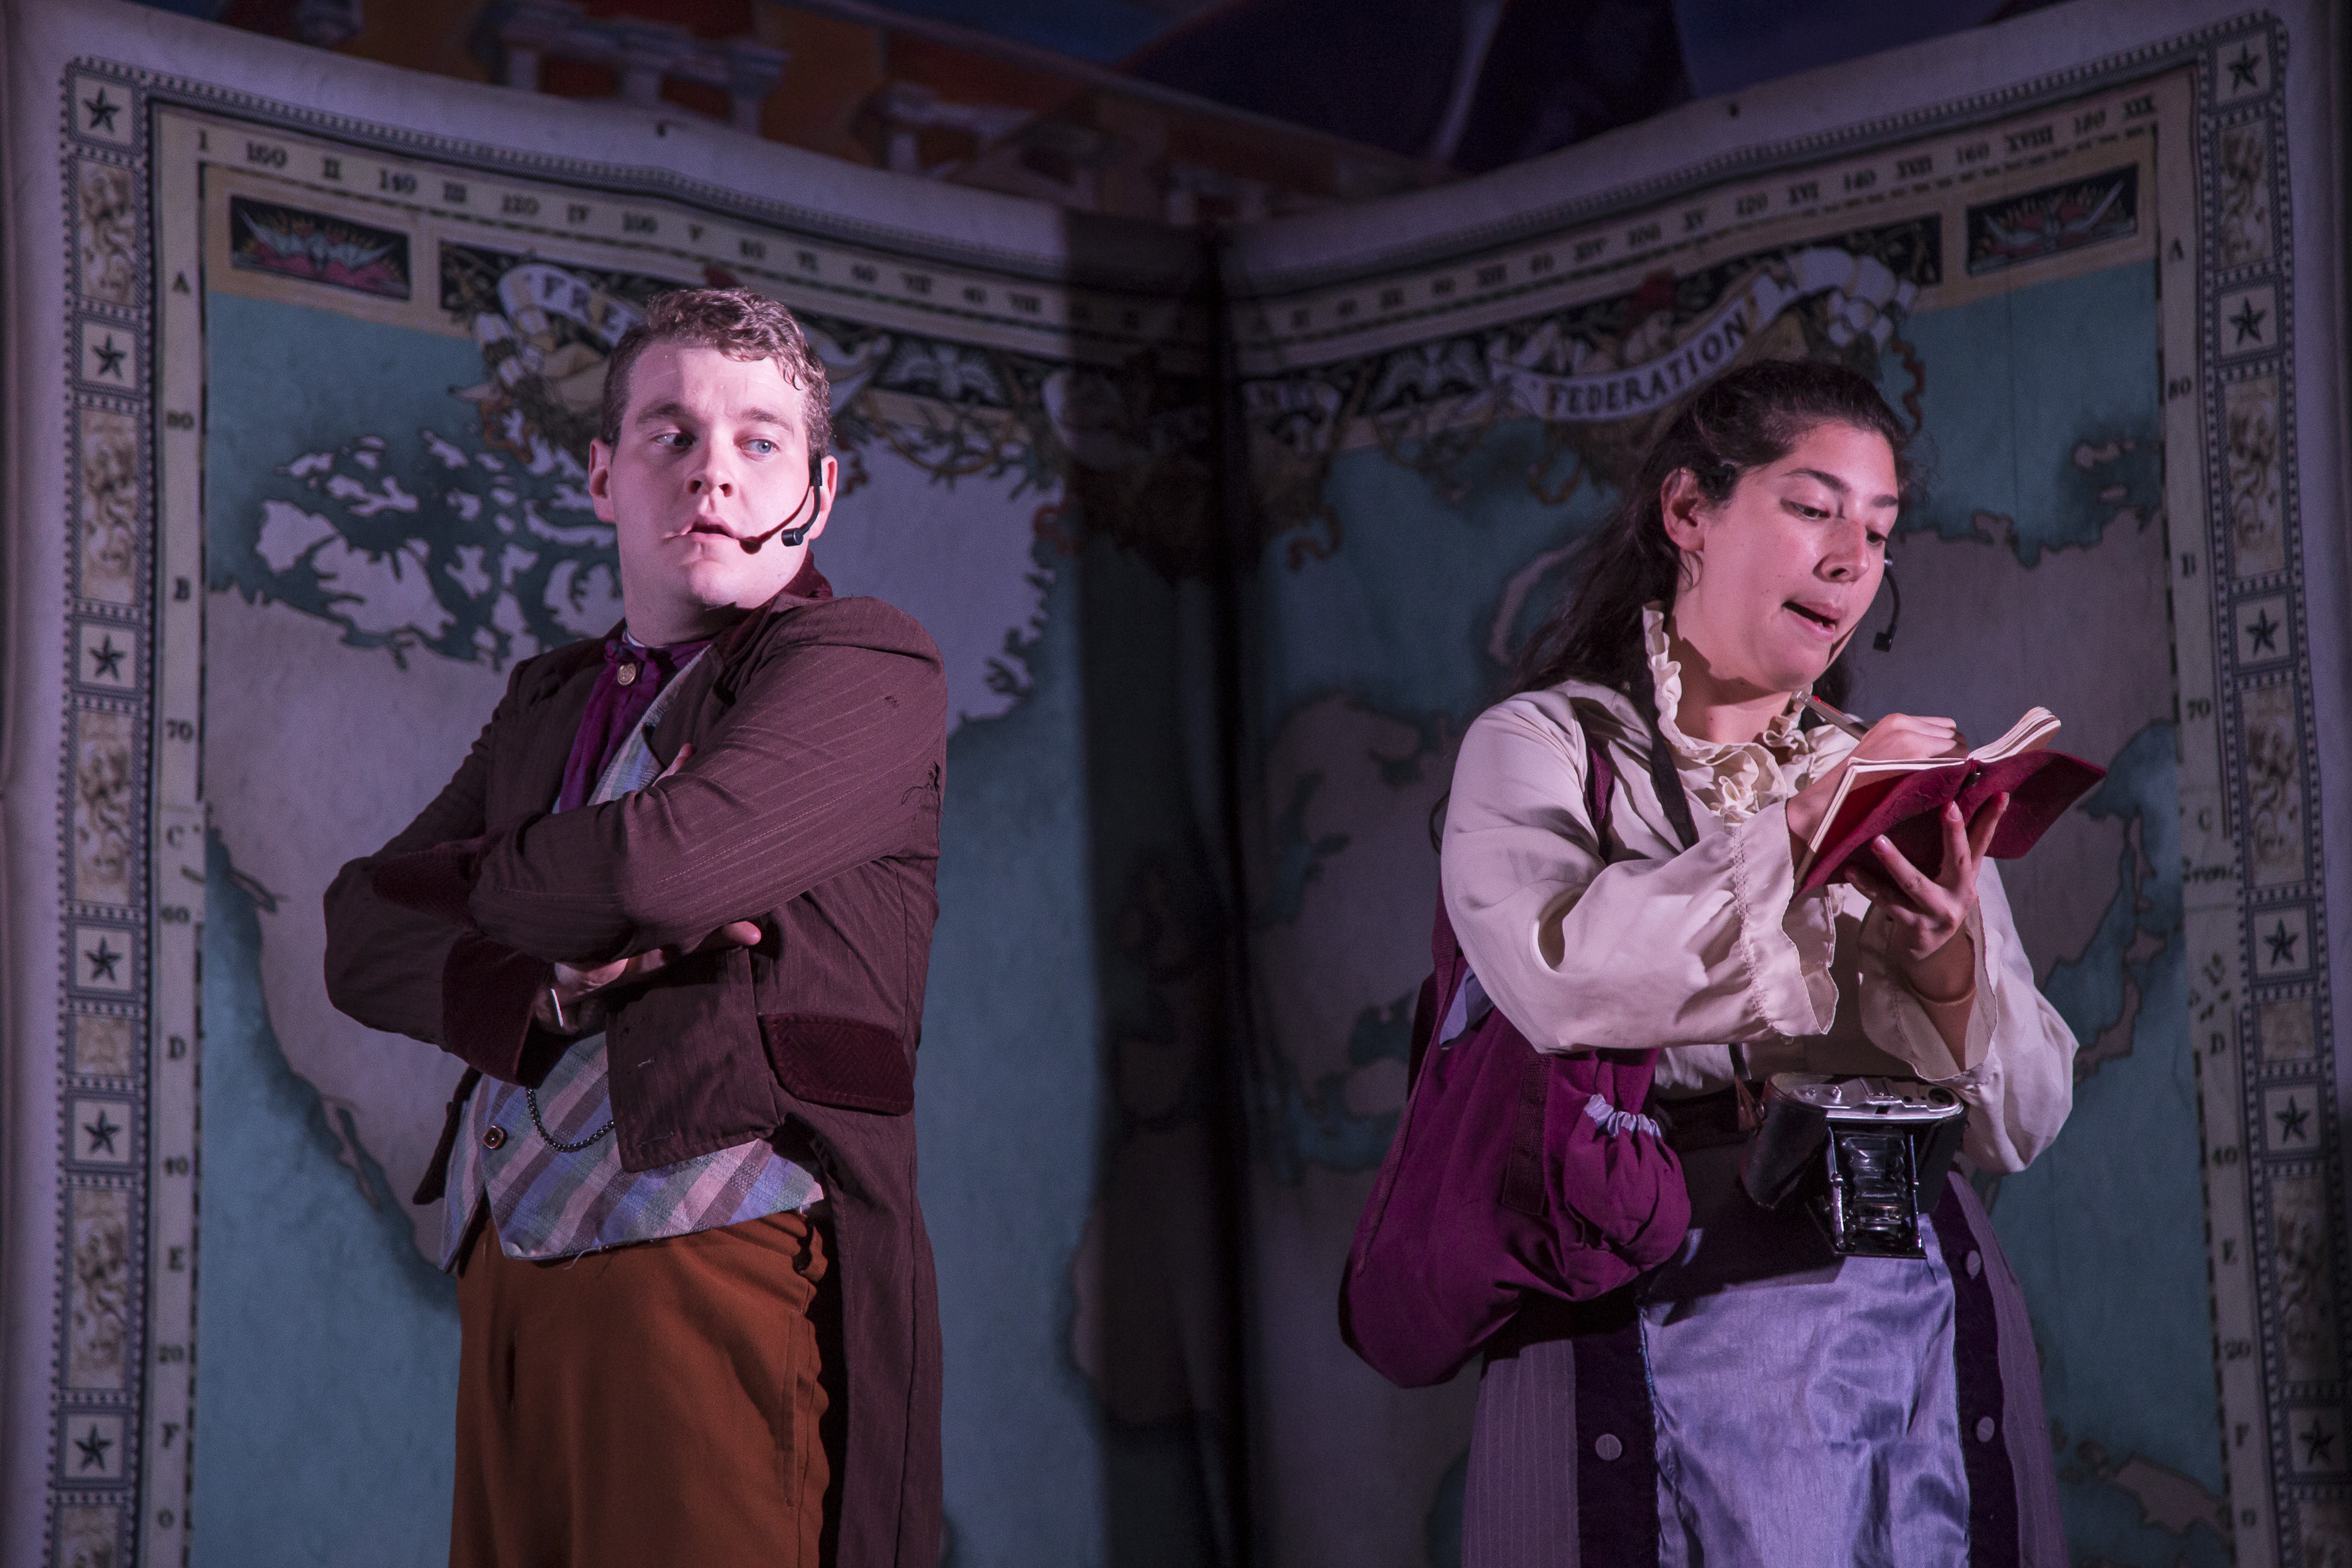 Actores en escena